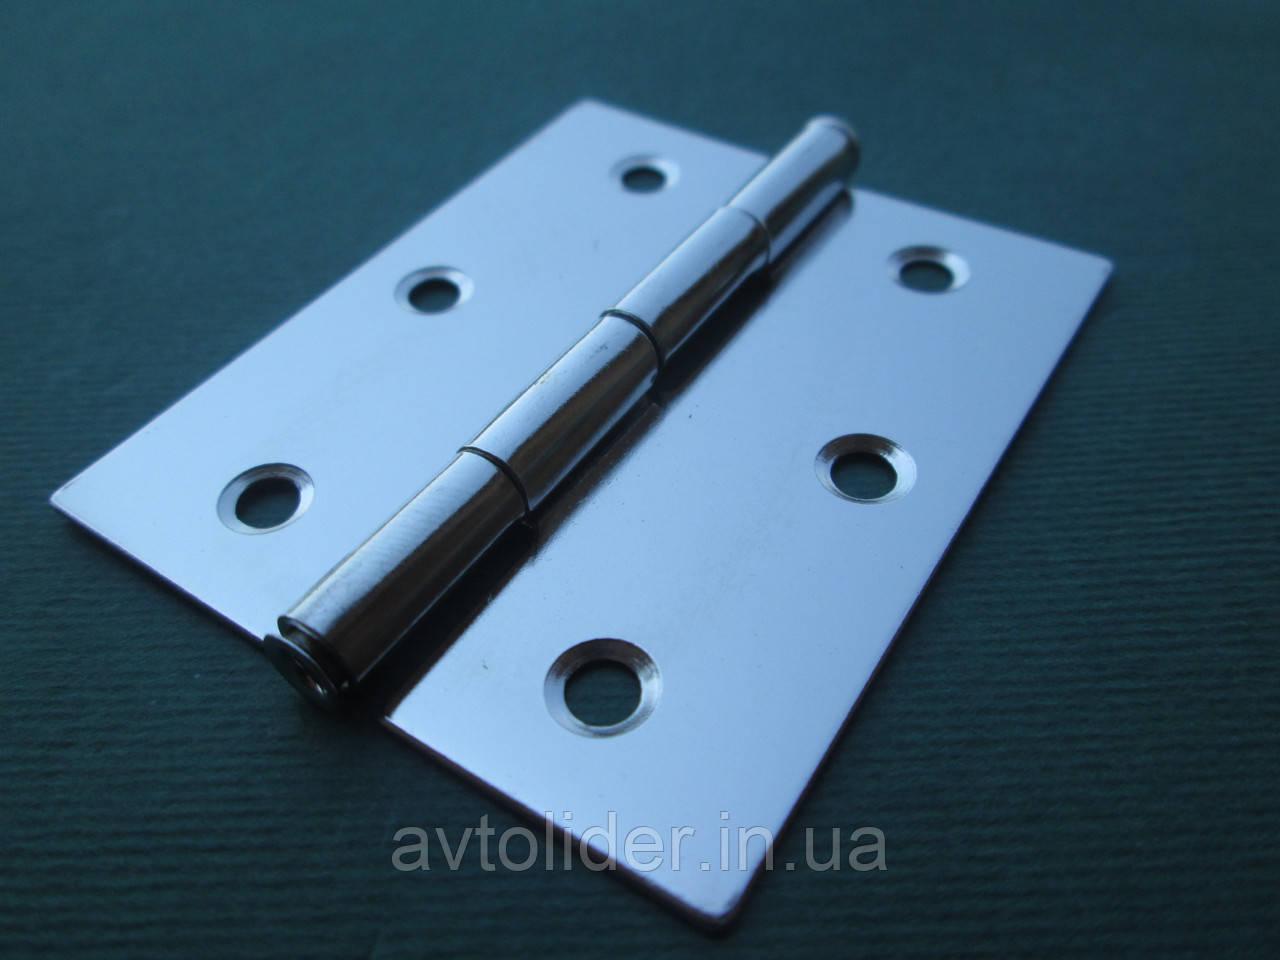 Нержавіюча петля дверна (товщина 0,8 мм).